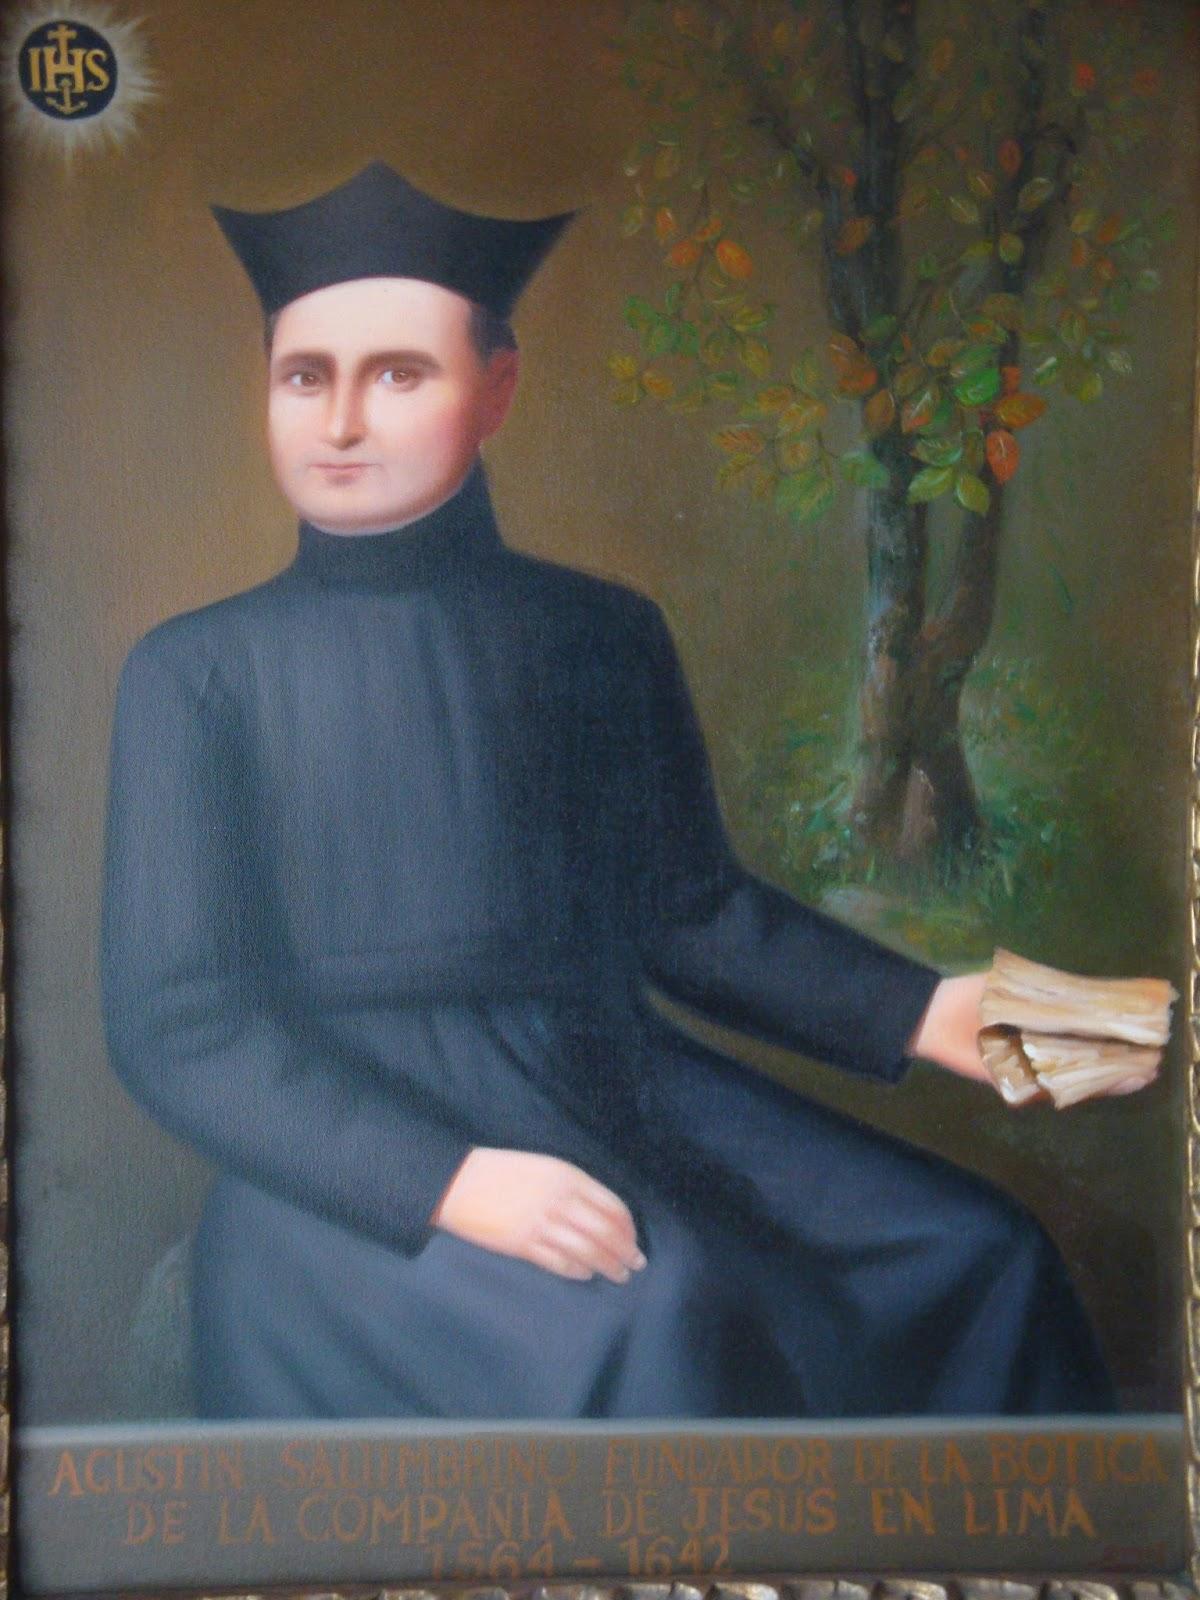 Agustín Salumbrino